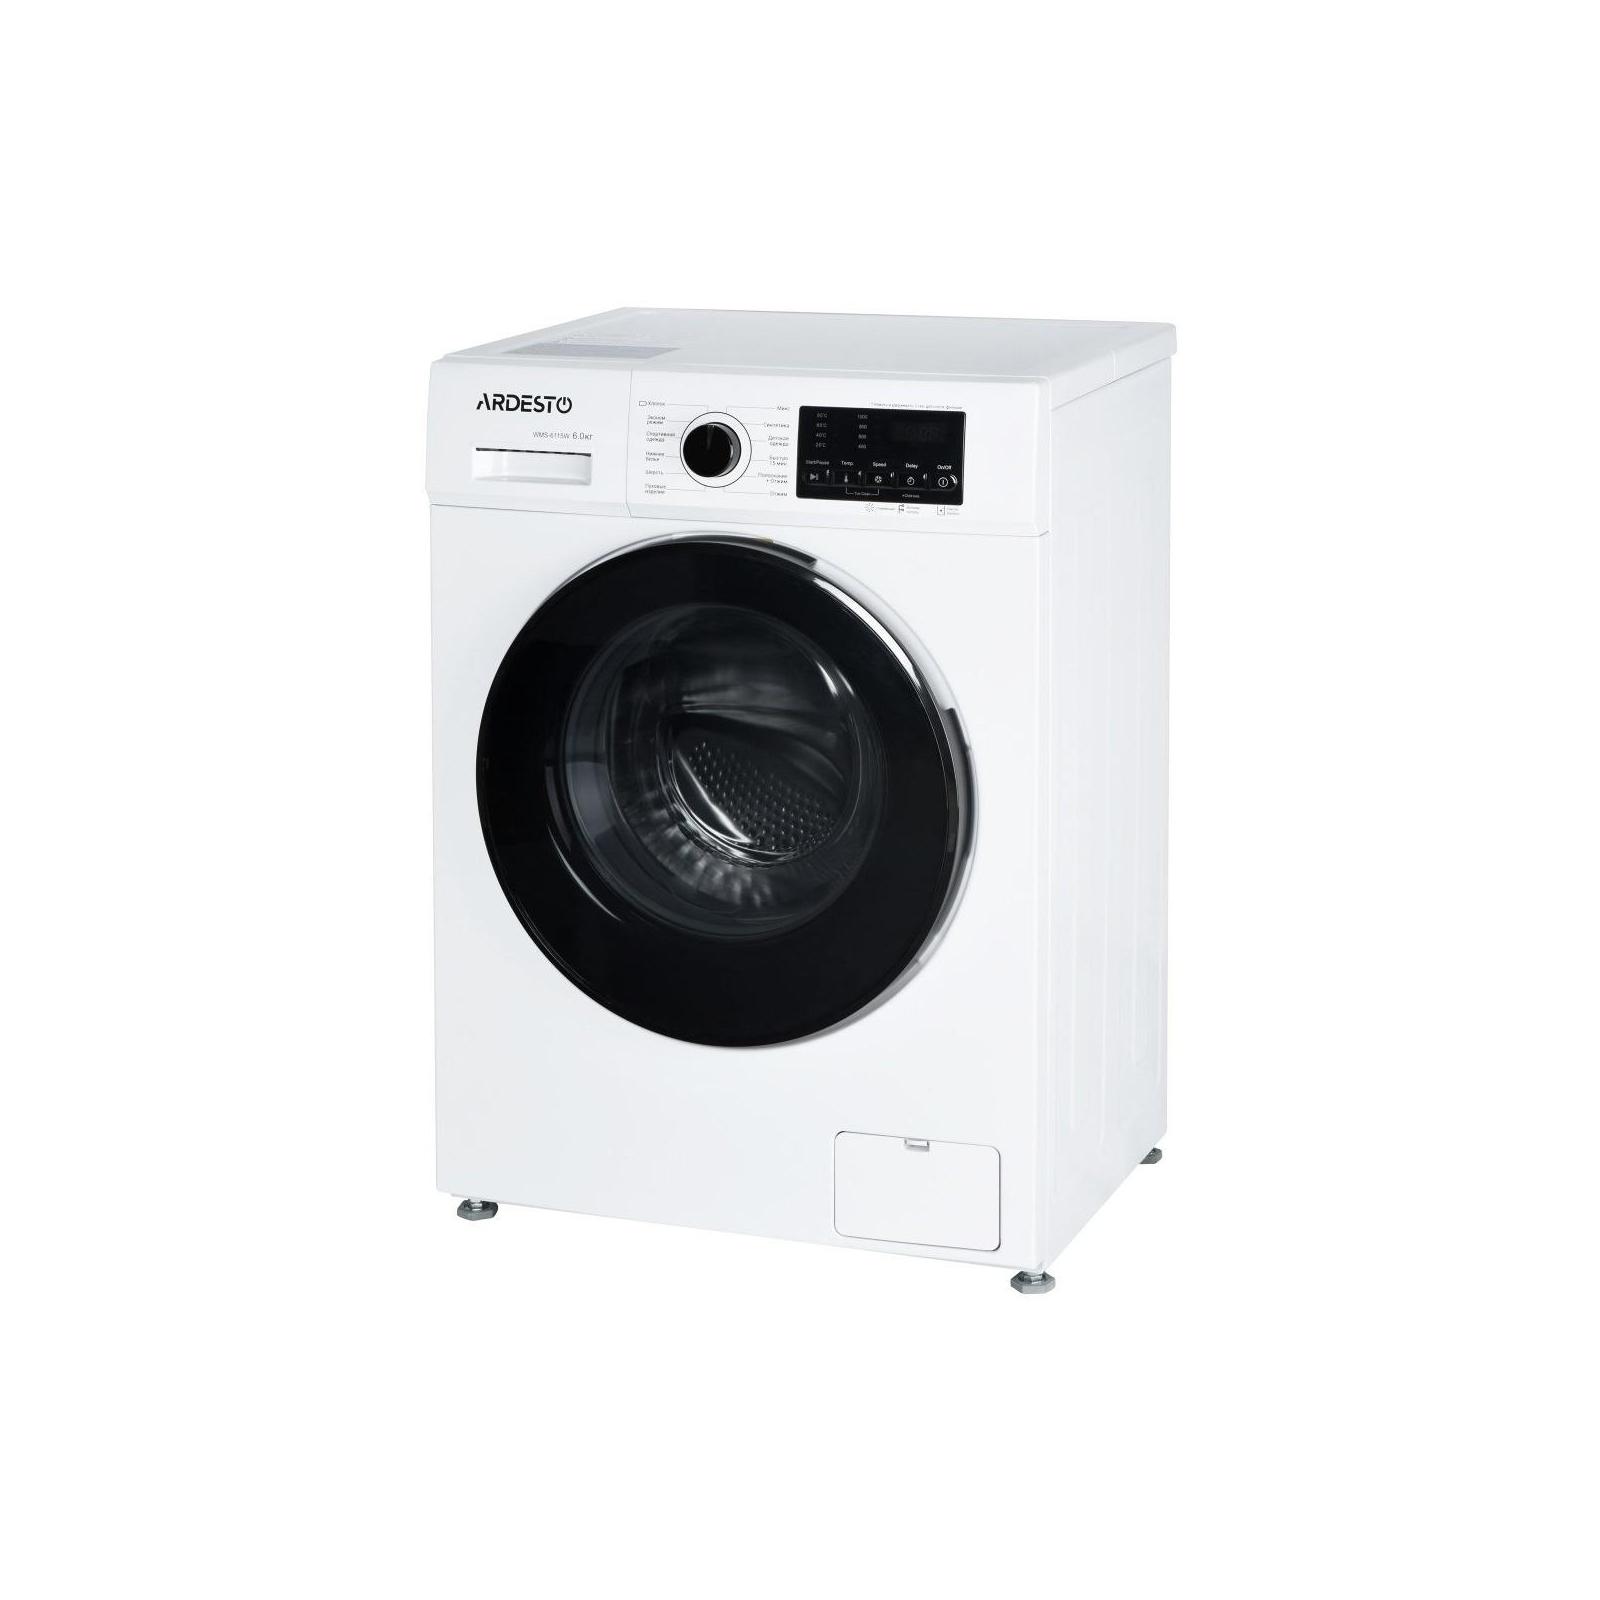 Стиральная машина Ardesto WMS-6115W изображение 3